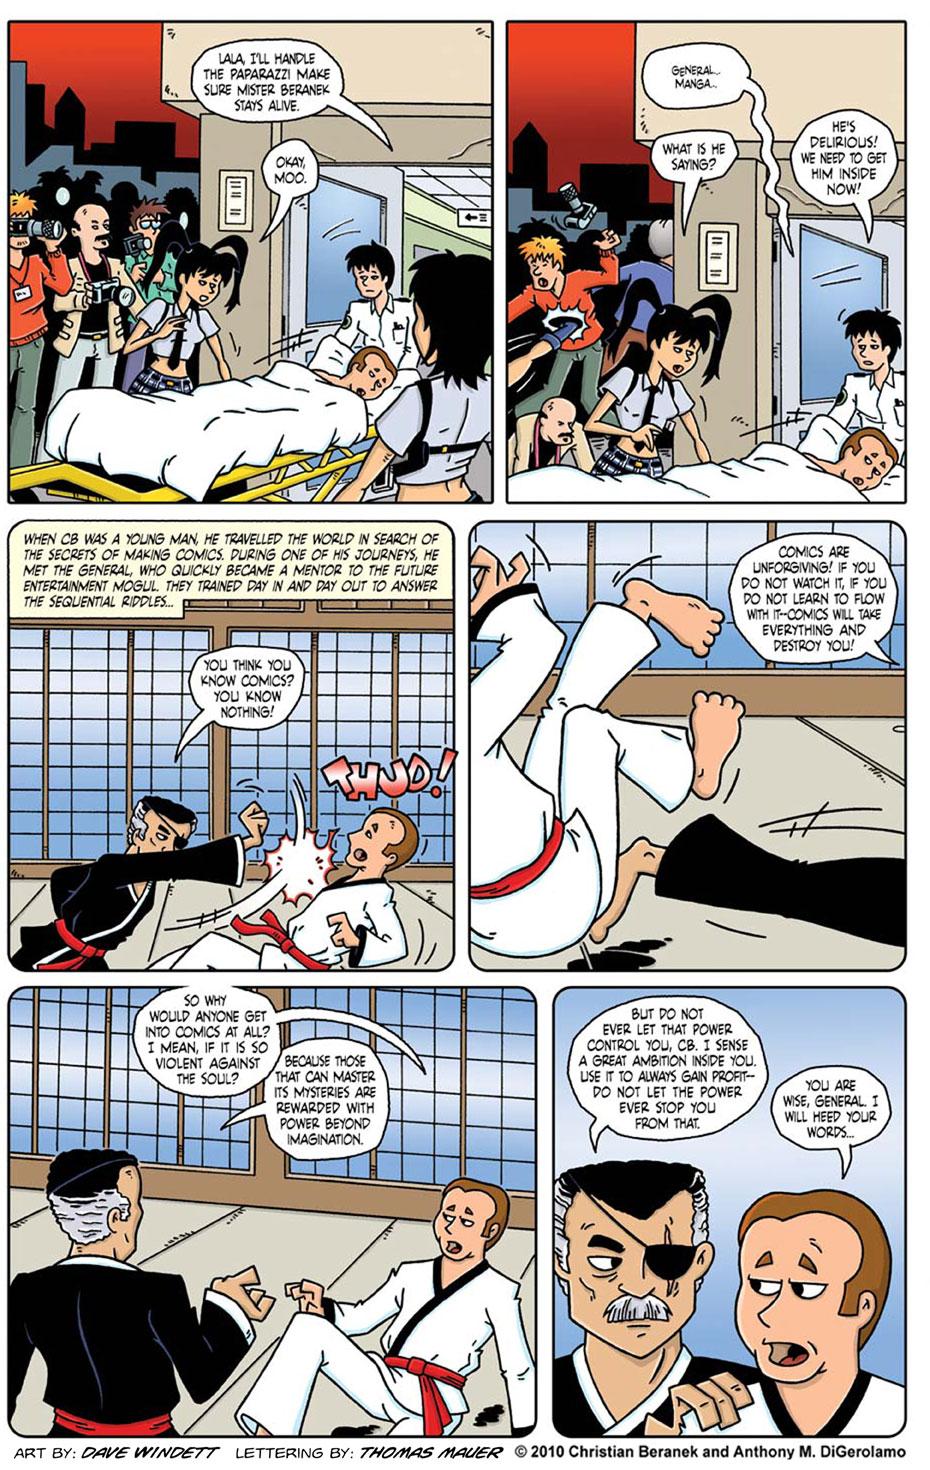 Comic Book Mafia #16: The Secret Origin of CB